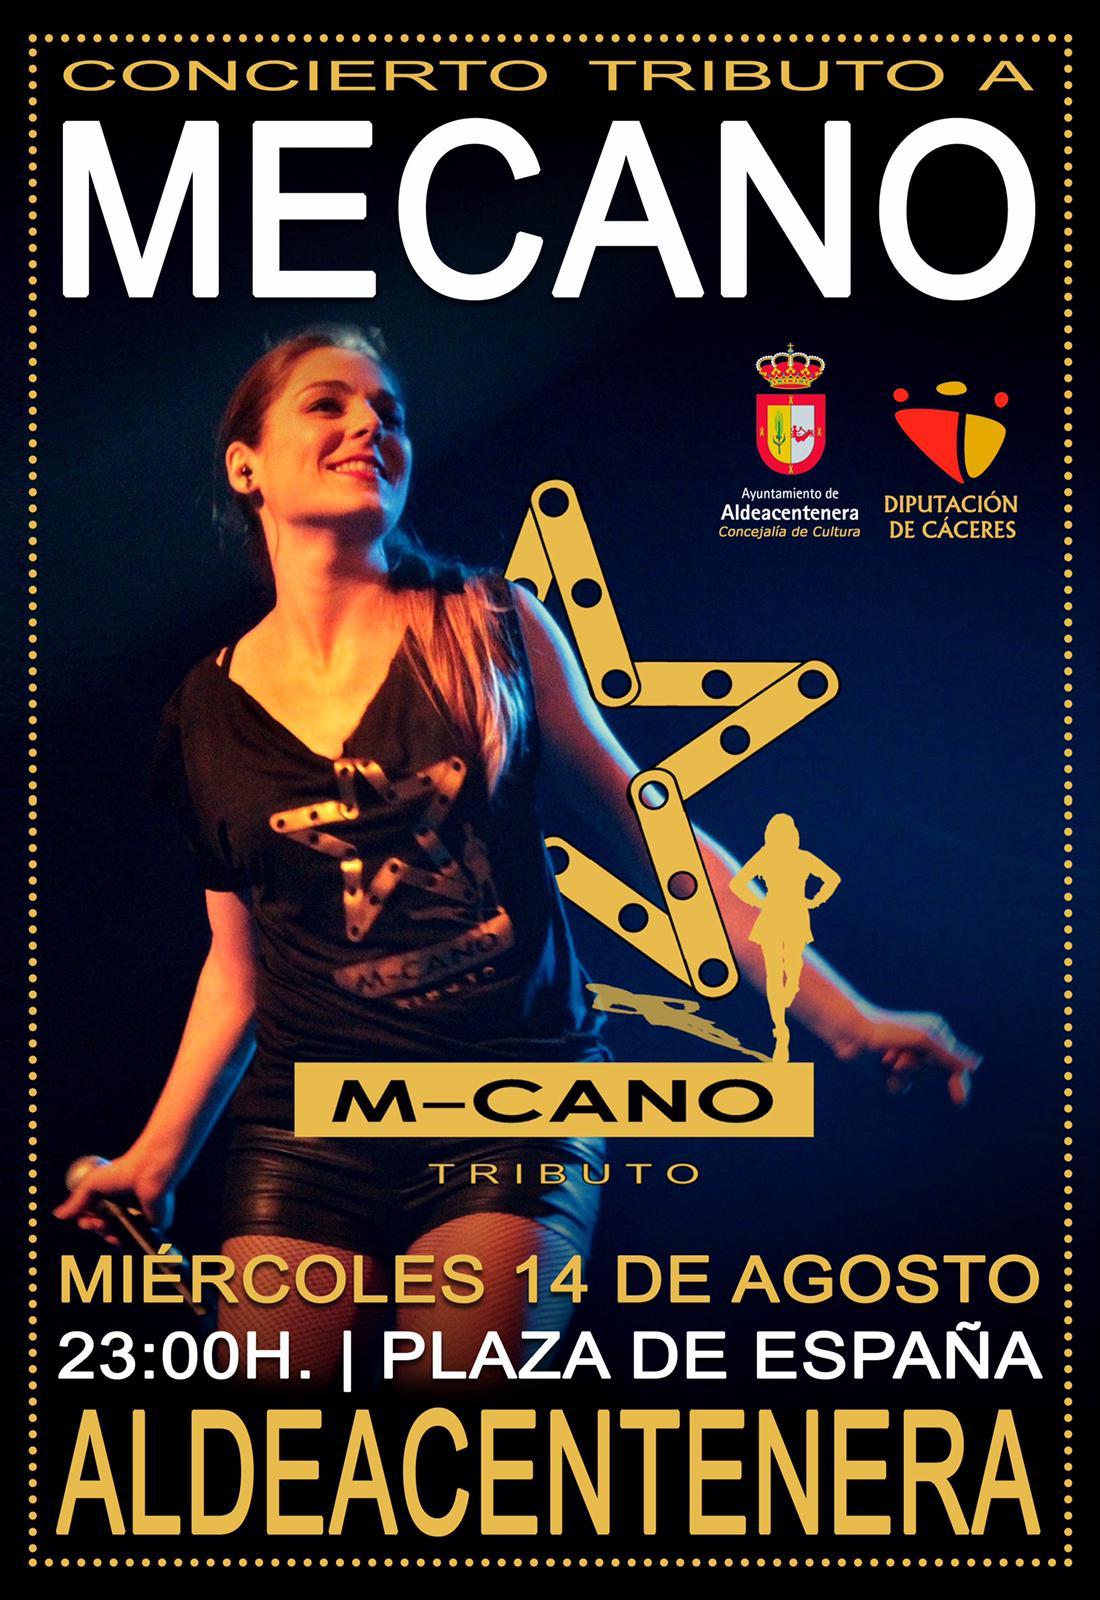 M-cano tributo a Mecano en Aldeacentenera